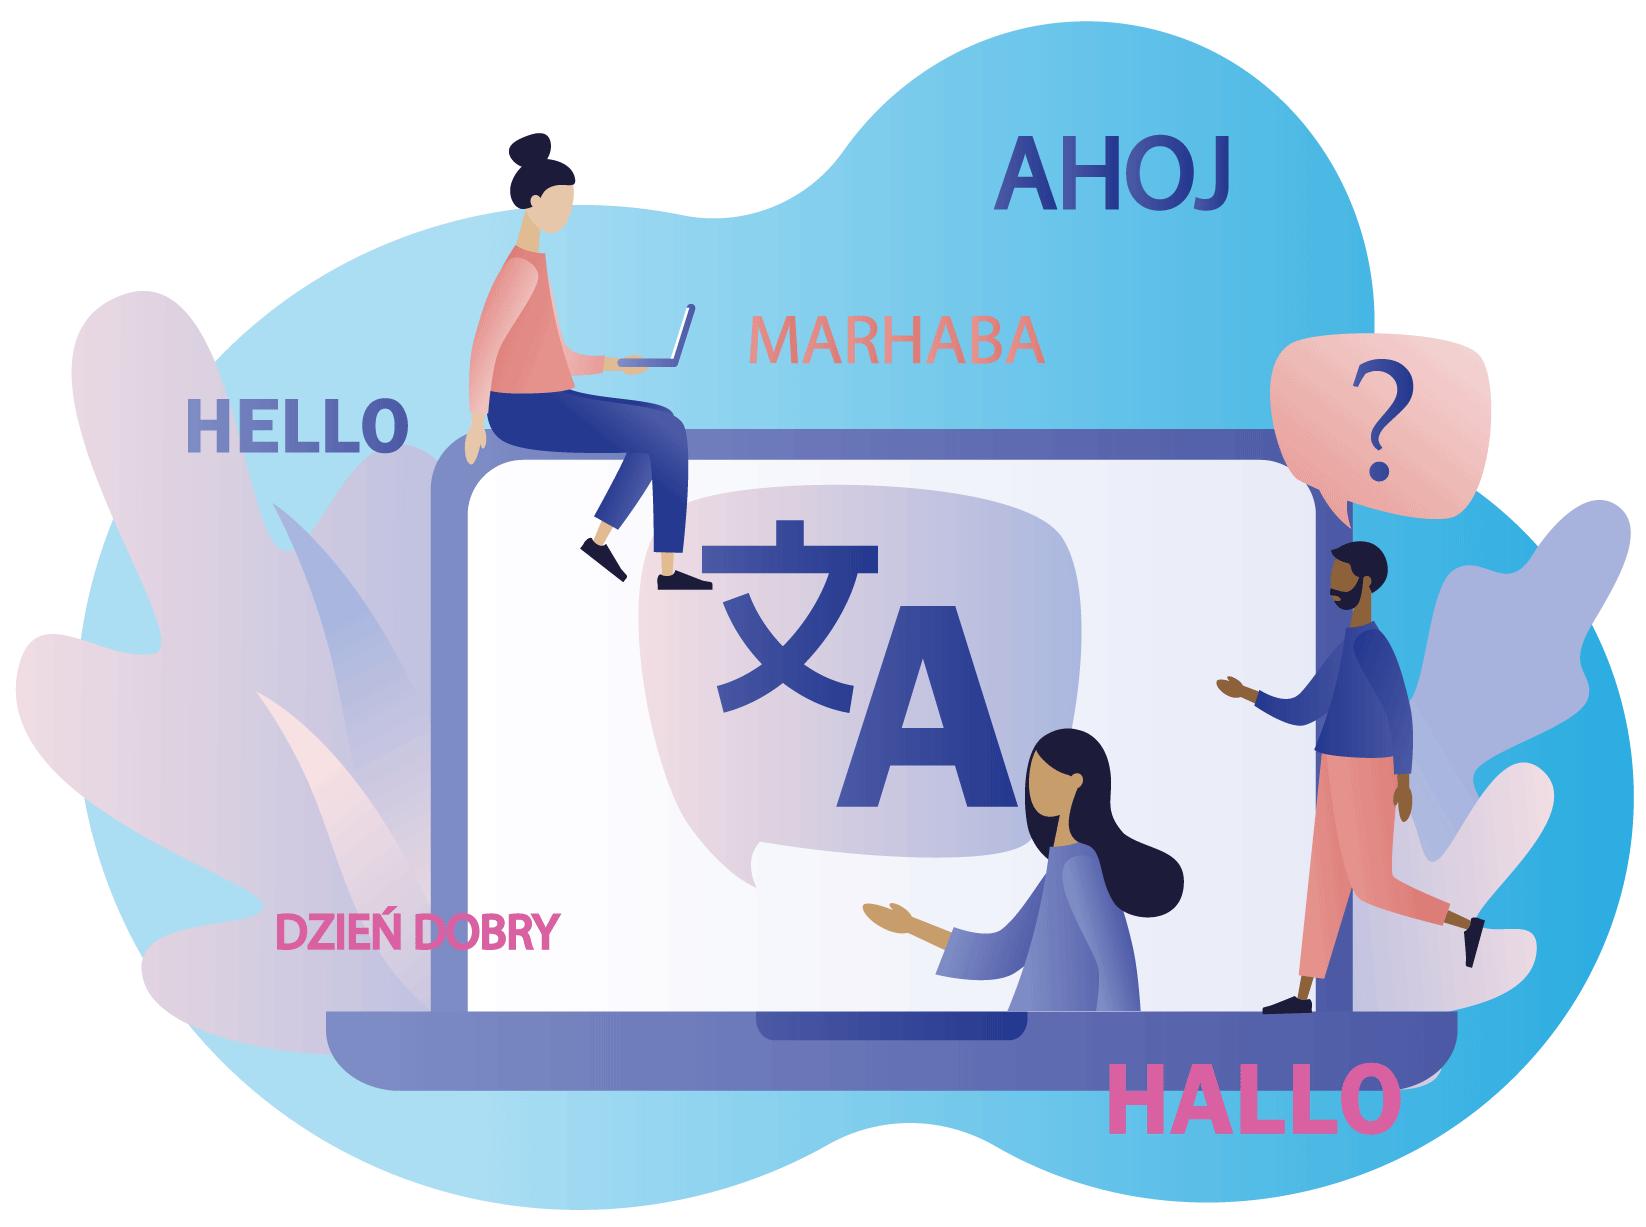 Spoken-language-header-image